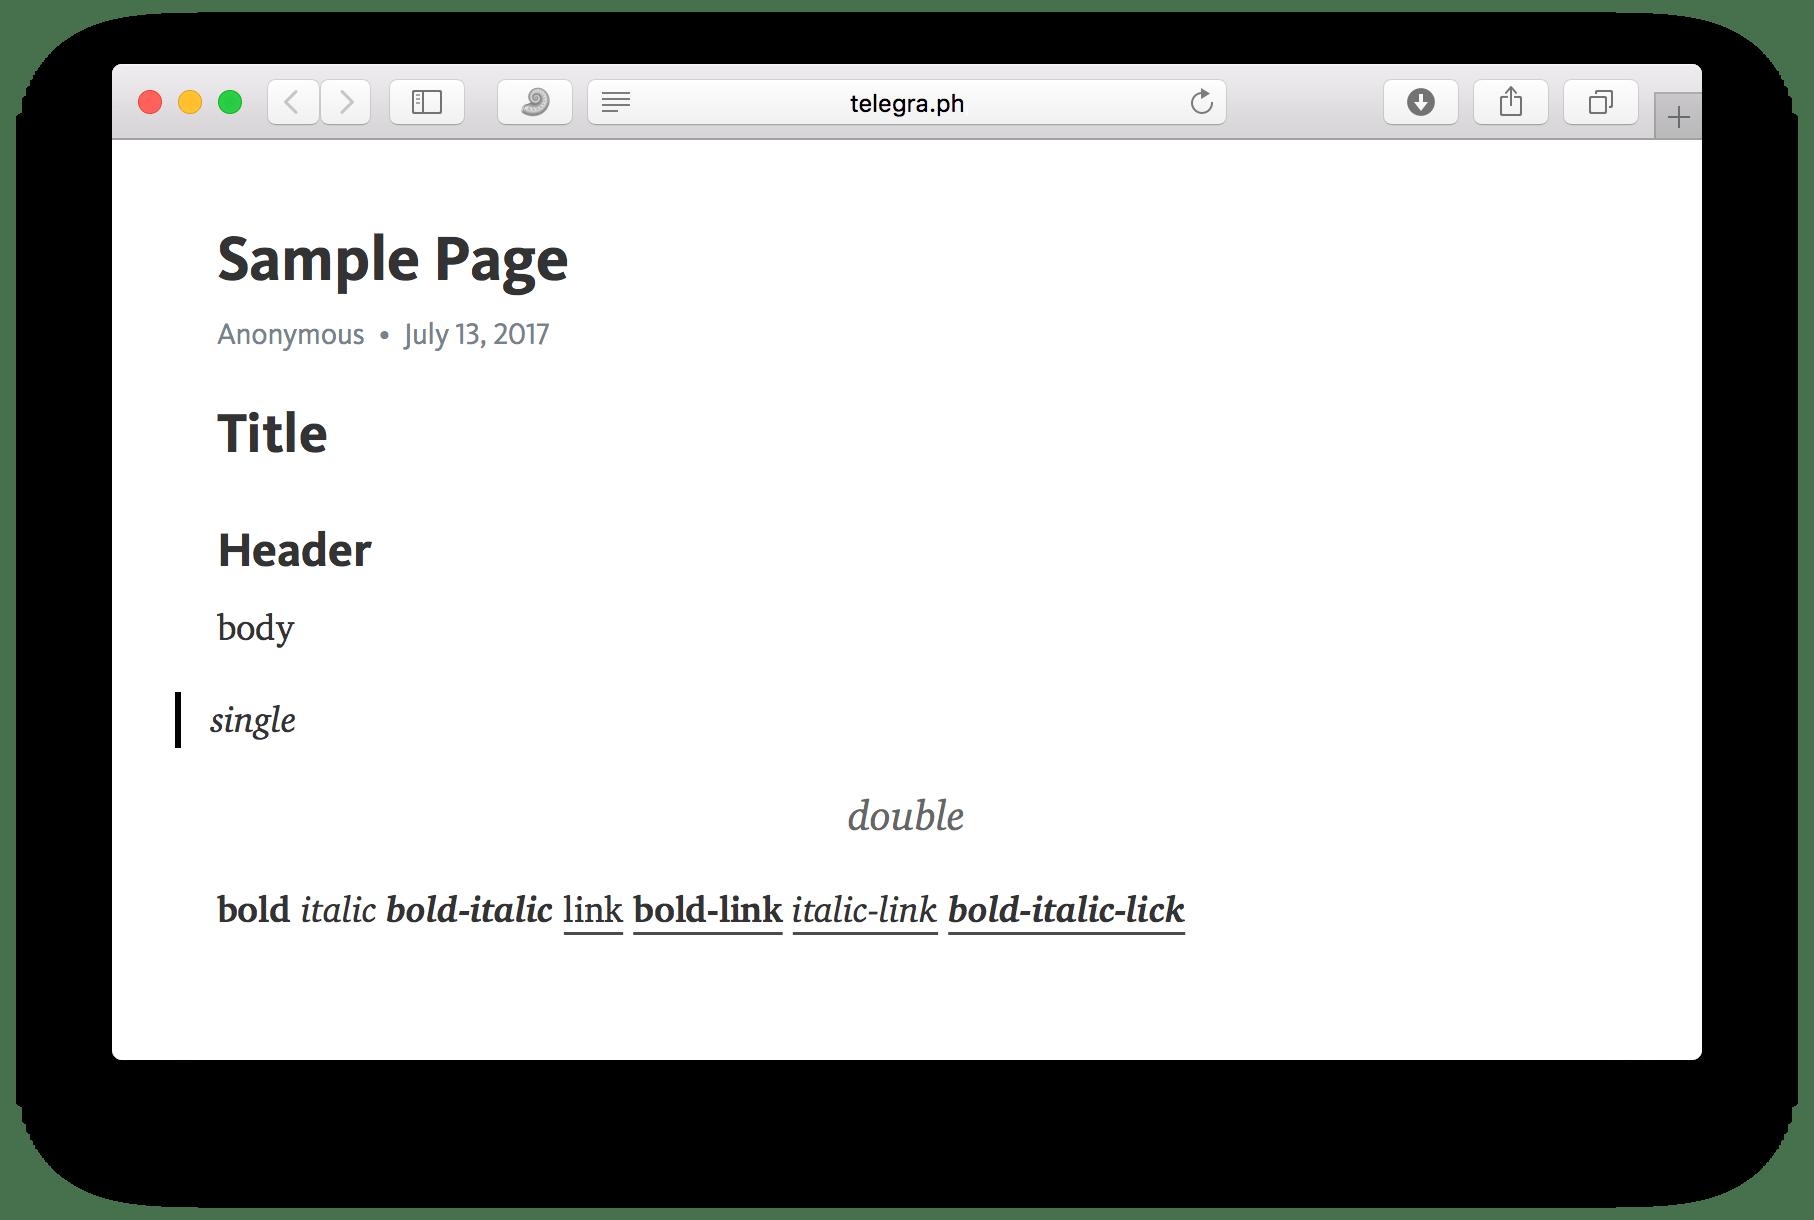 새로운 페이지 서버 저장 성공